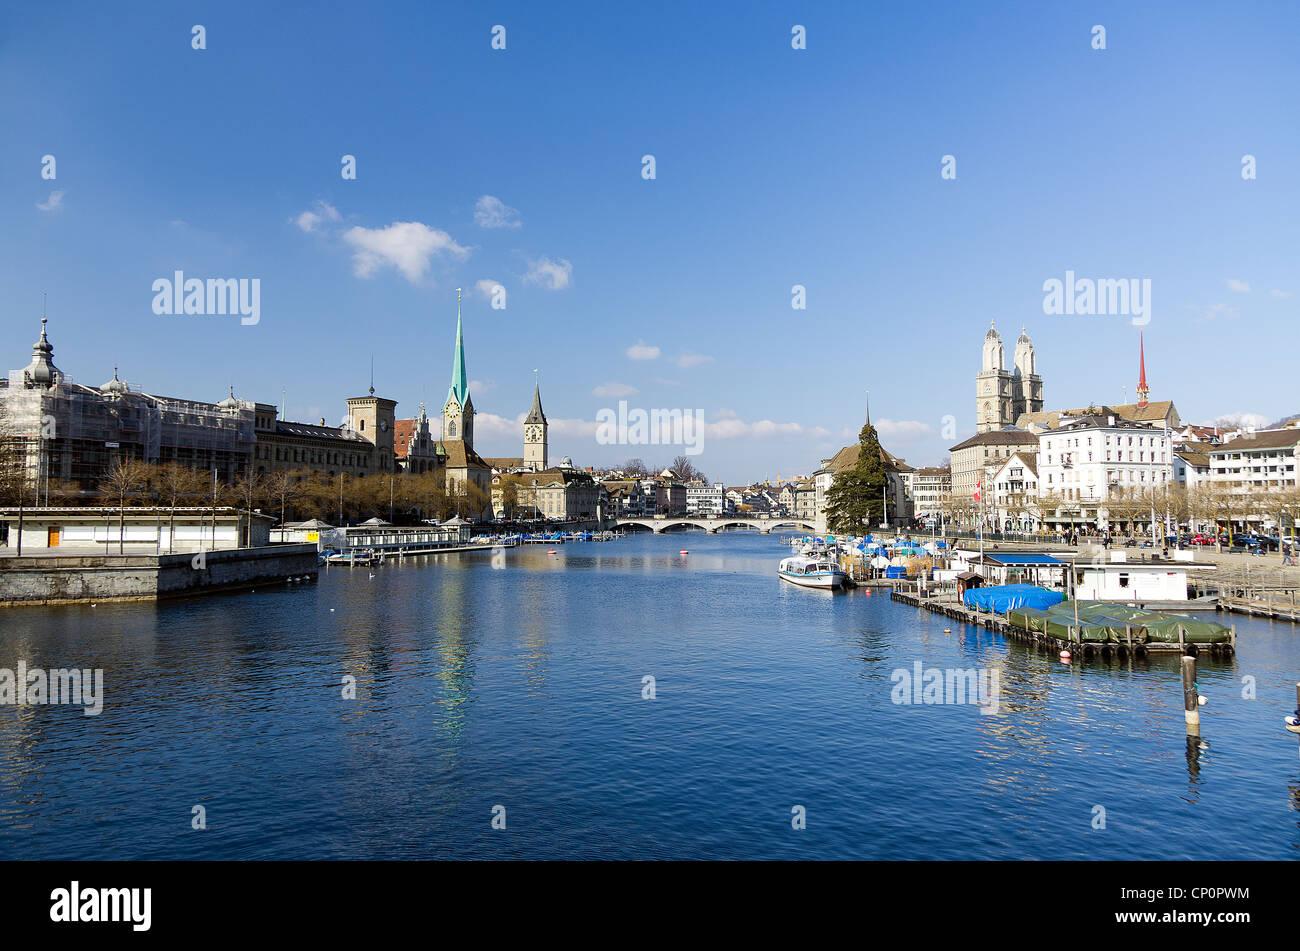 Zurigo downdown in pieno giorno con chiese, fiume e barche Immagini Stock